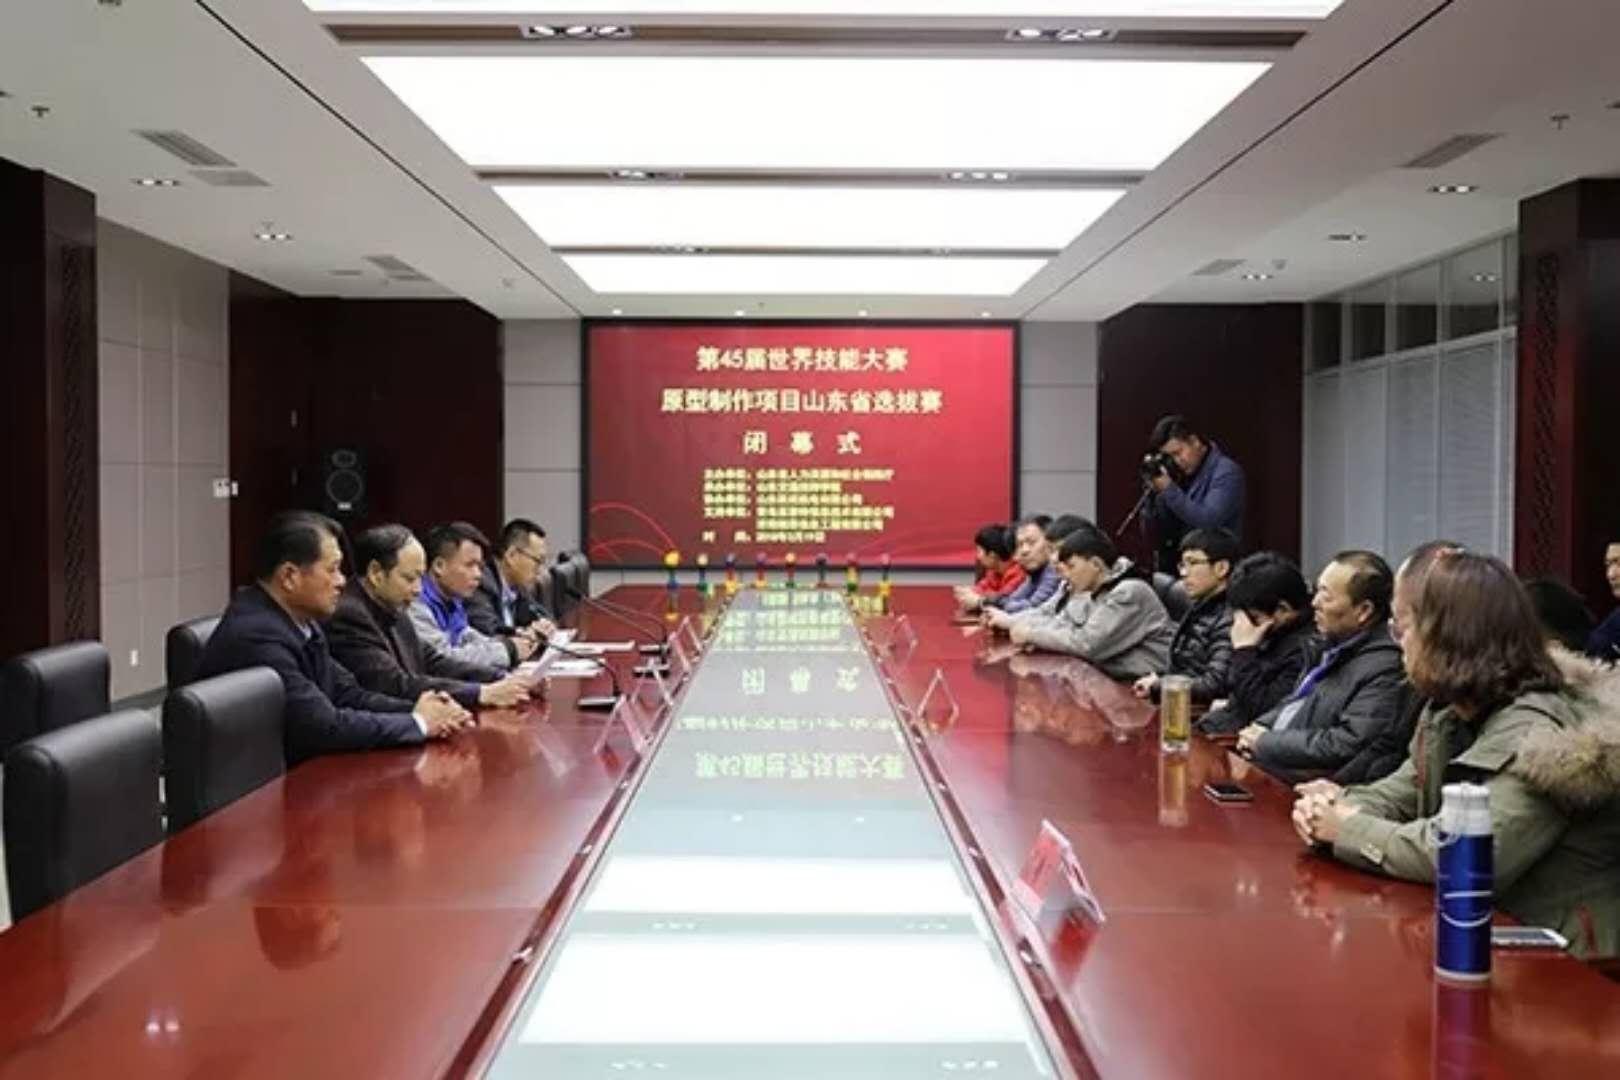 第45届世界技能大赛原型制作项目山东省选拔赛圆满落幕